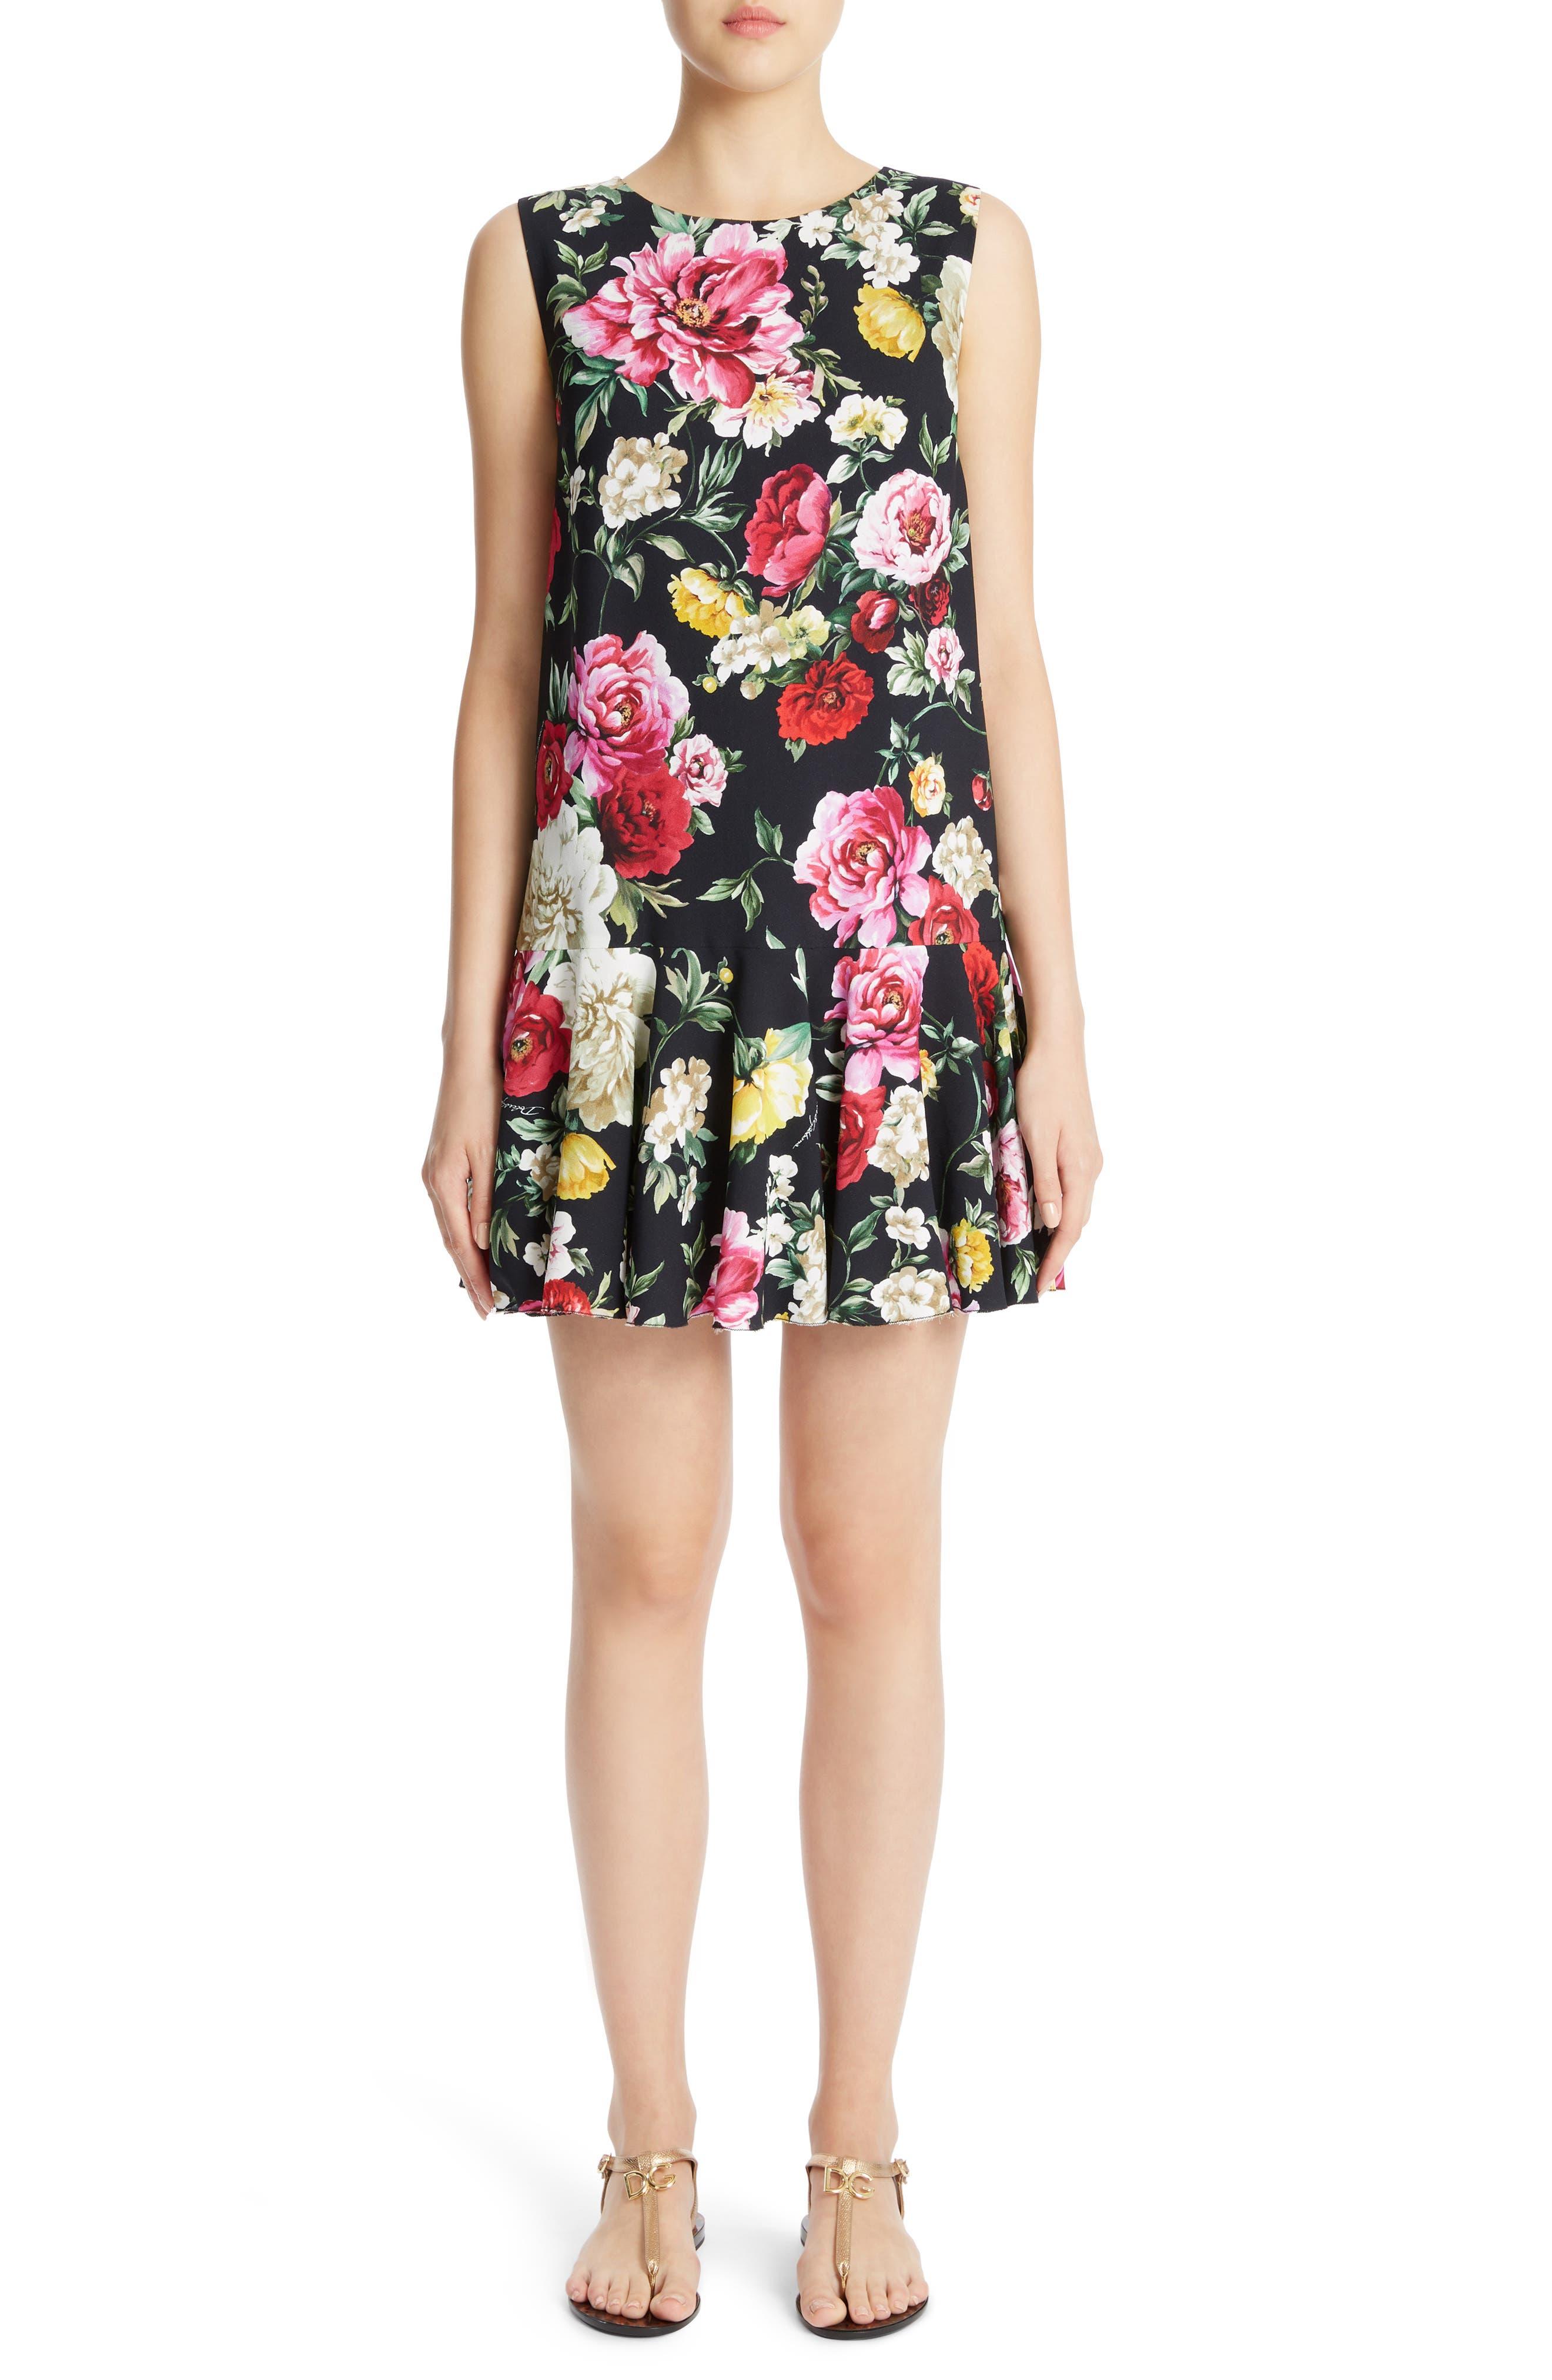 Dolce&Gabbana Floral Print Drop Waist Dress